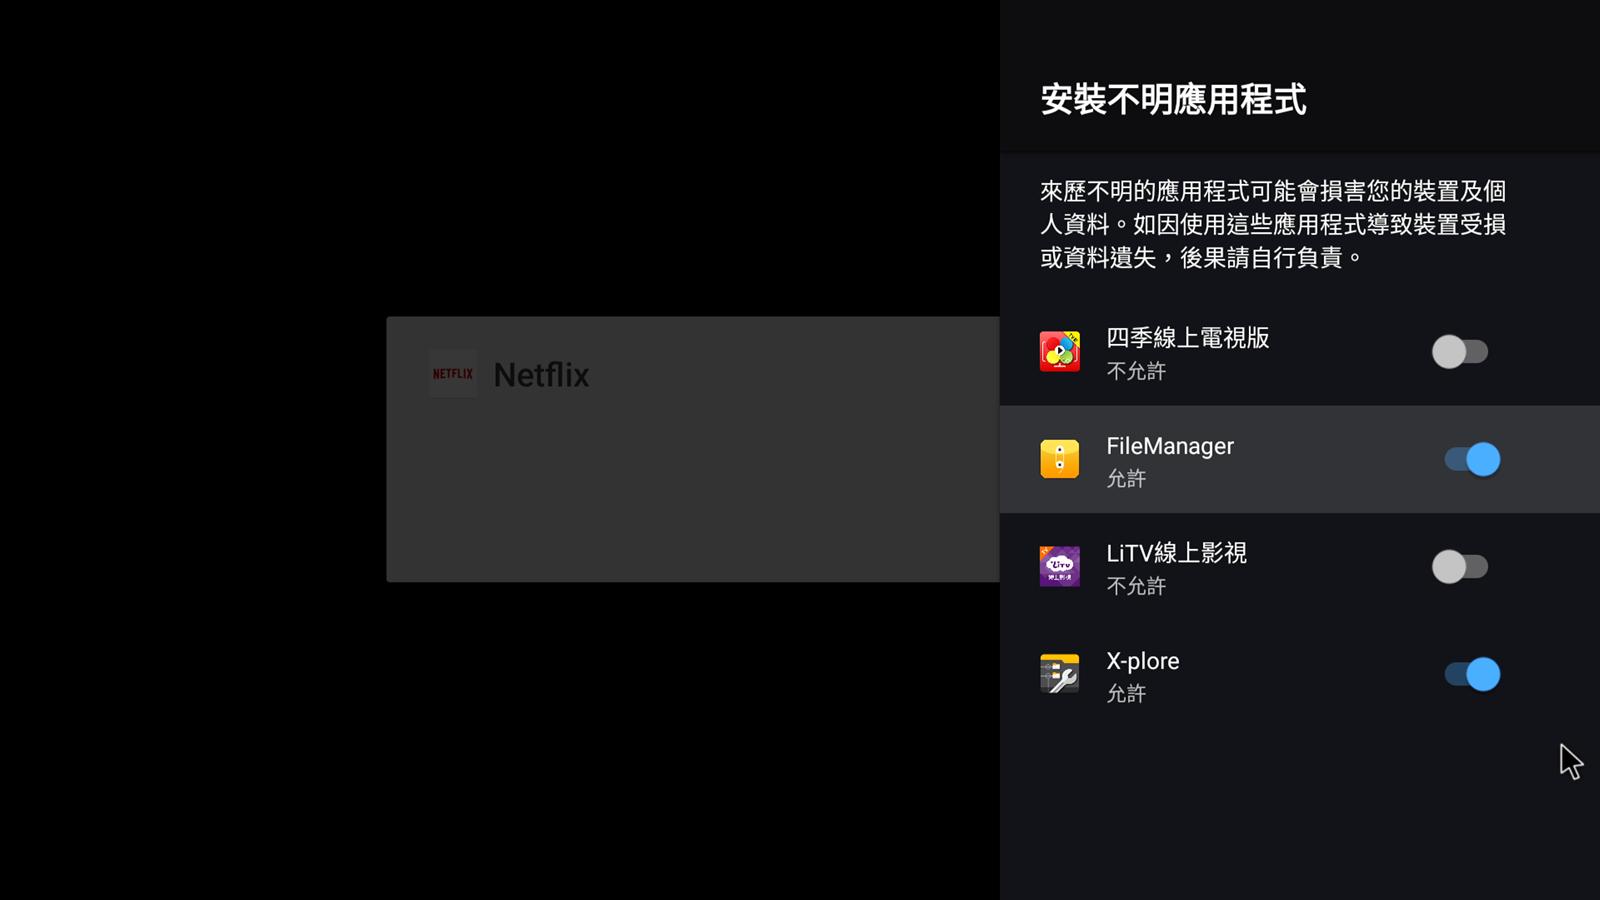 支援 4K60P + HDR ! 大通 Android 10 OTT 頂級規格智慧電視盒 @3C 達人廖阿輝